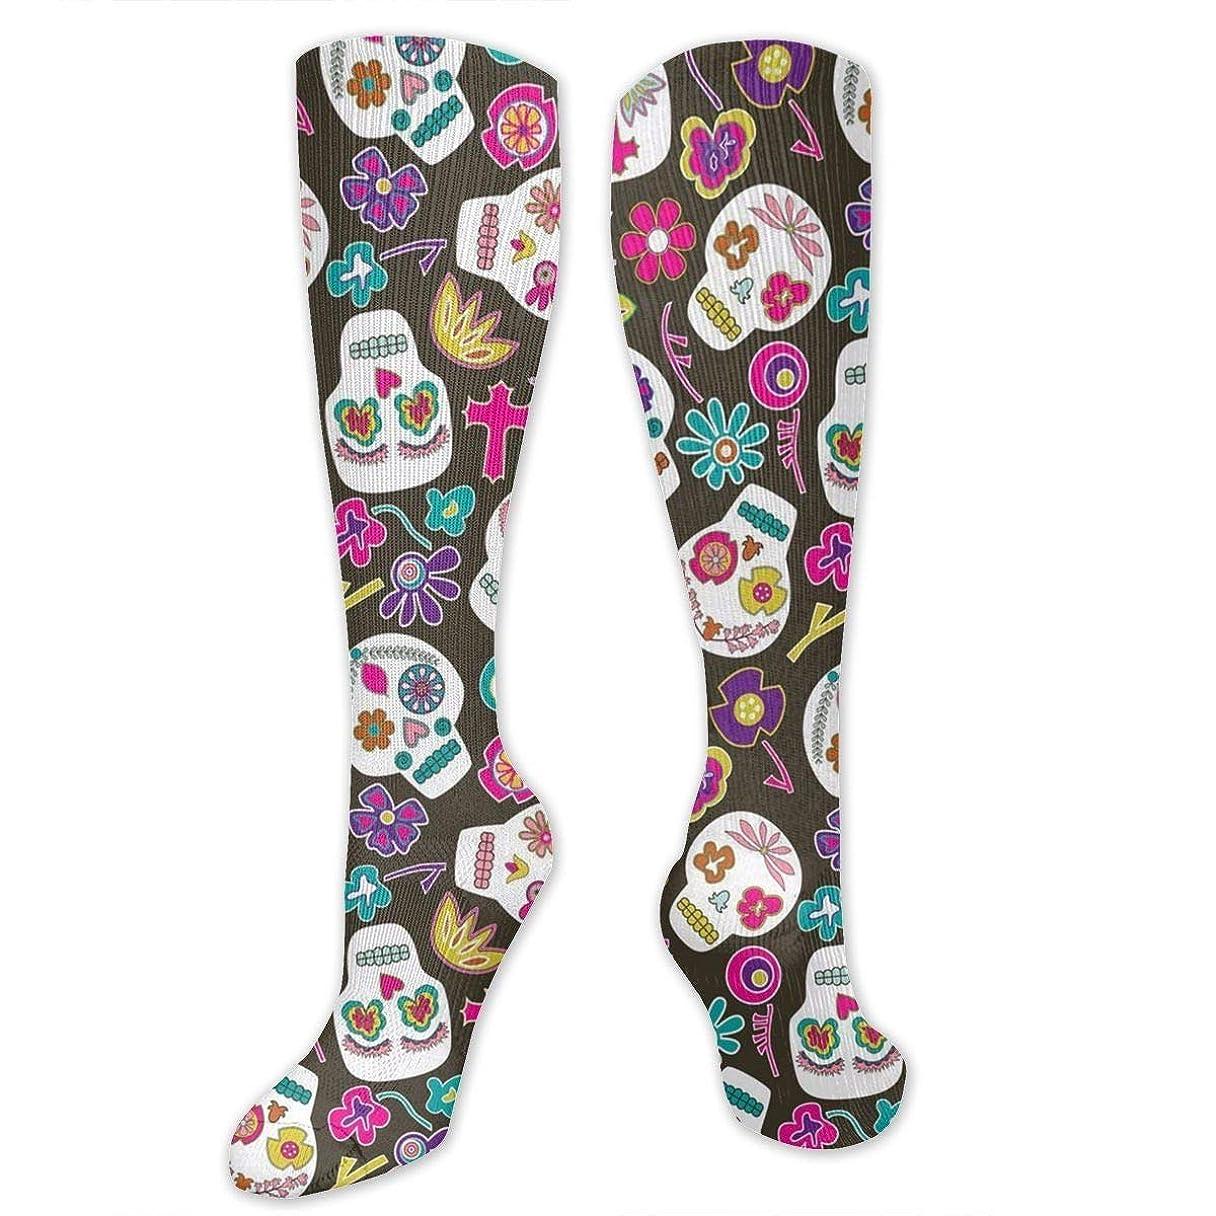 ナイロン批判上昇靴下,ストッキング,野生のジョーカー,実際,秋の本質,冬必須,サマーウェア&RBXAA Sugar Skulls Socks Women's Winter Cotton Long Tube Socks Knee High Graduated Compression Socks